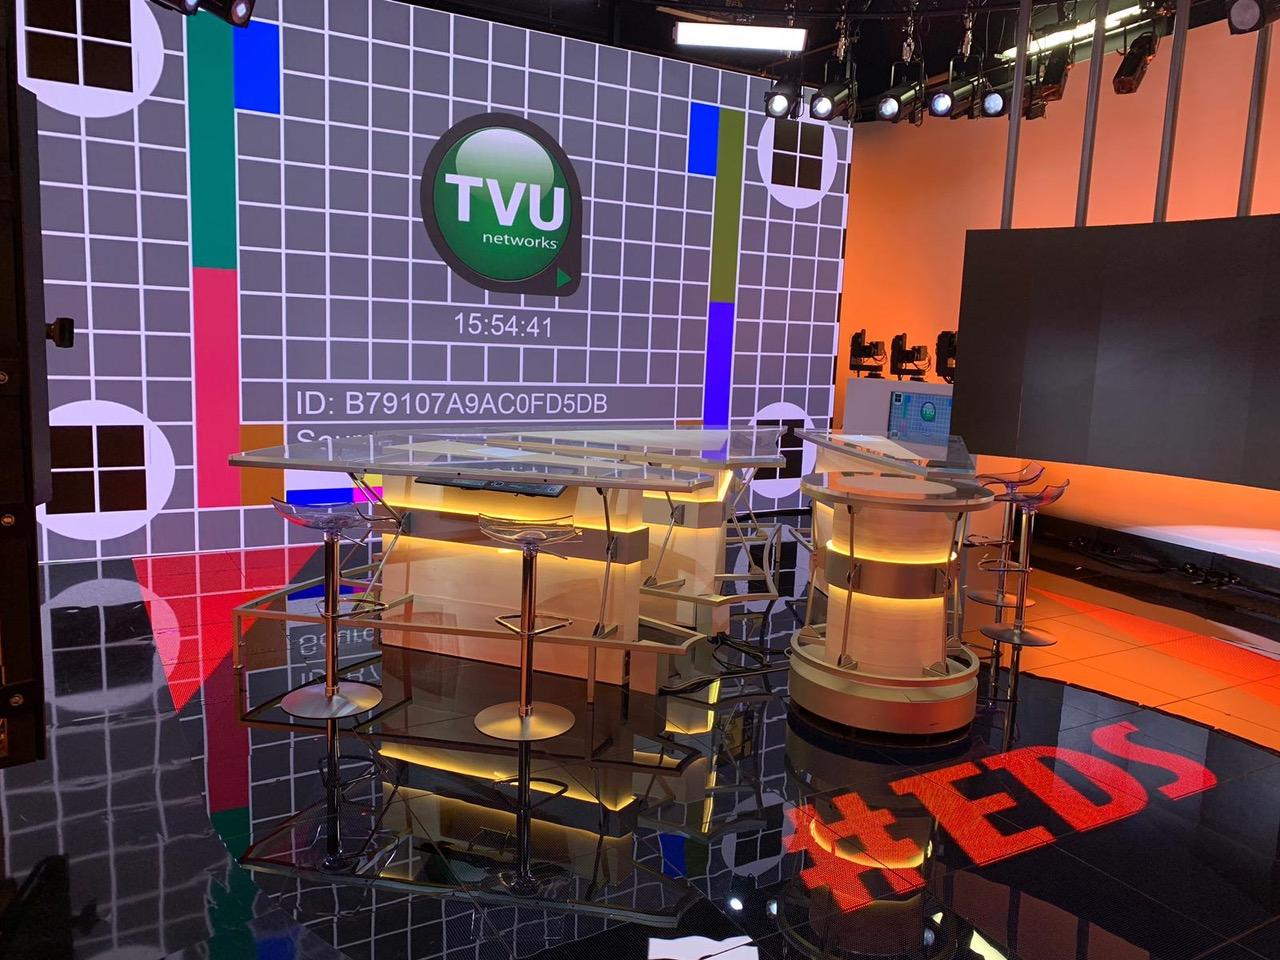 TVU2.jpeg